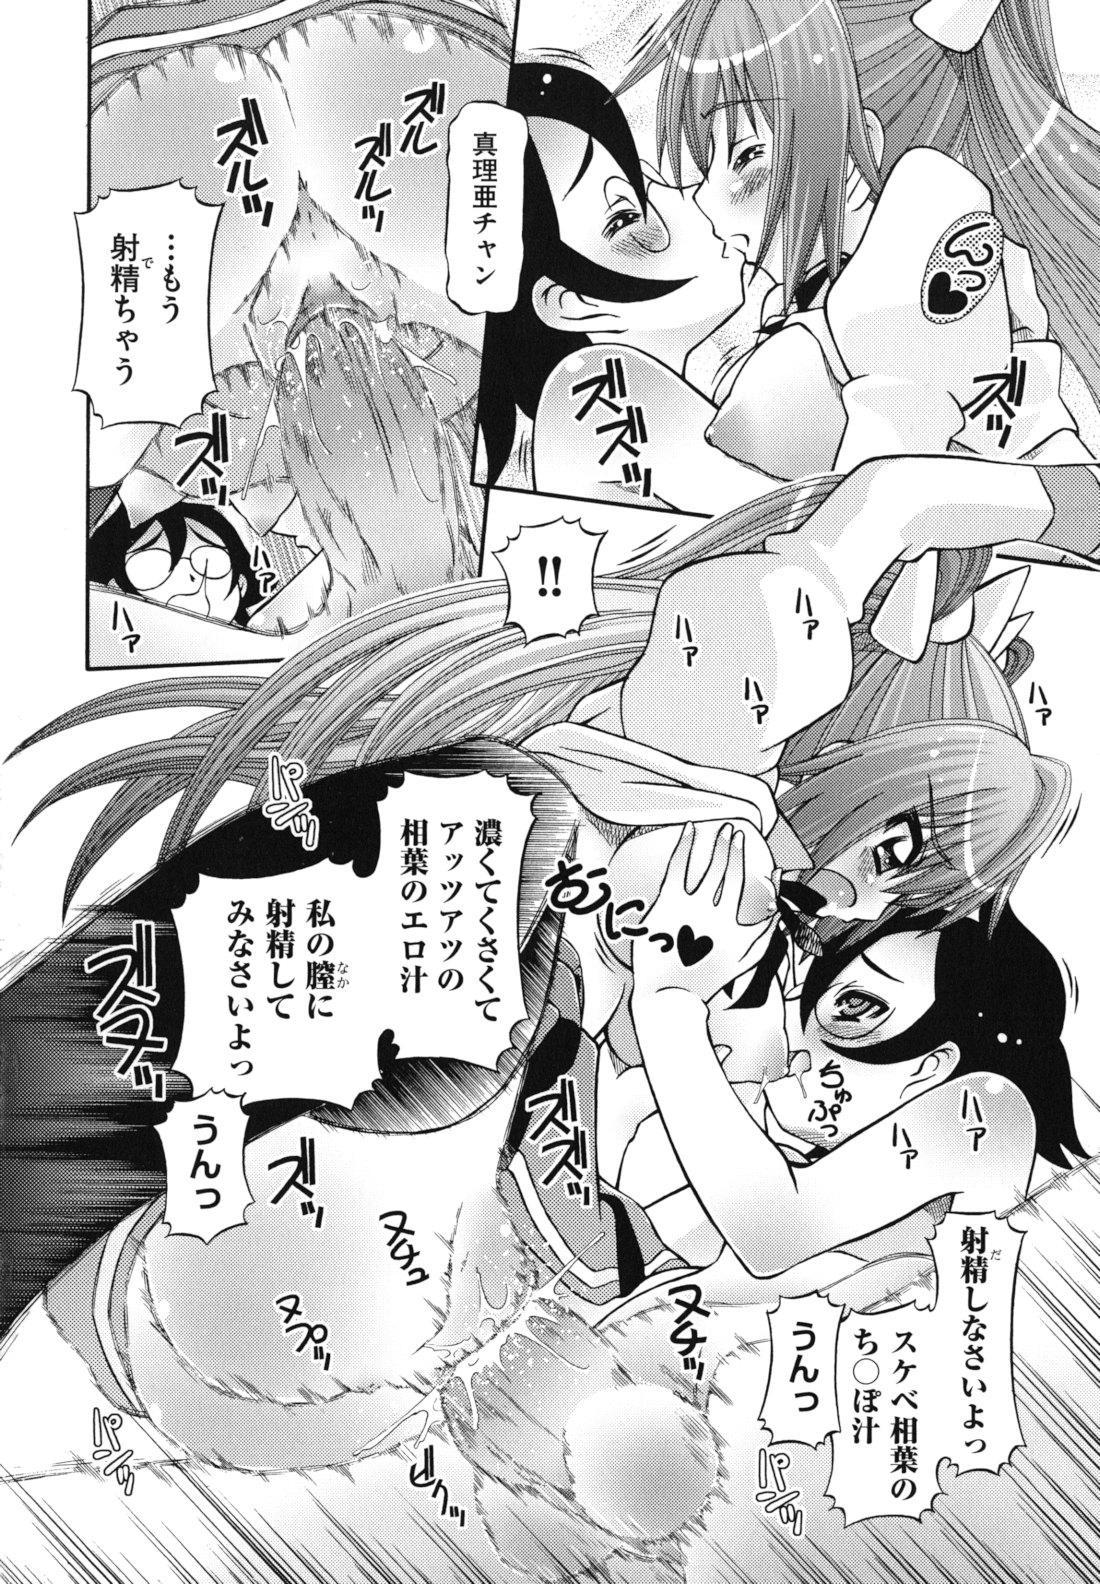 Twintail de Kneesocks no Onnanoko tachi ga Kyakkya de Ufufu♥ 140